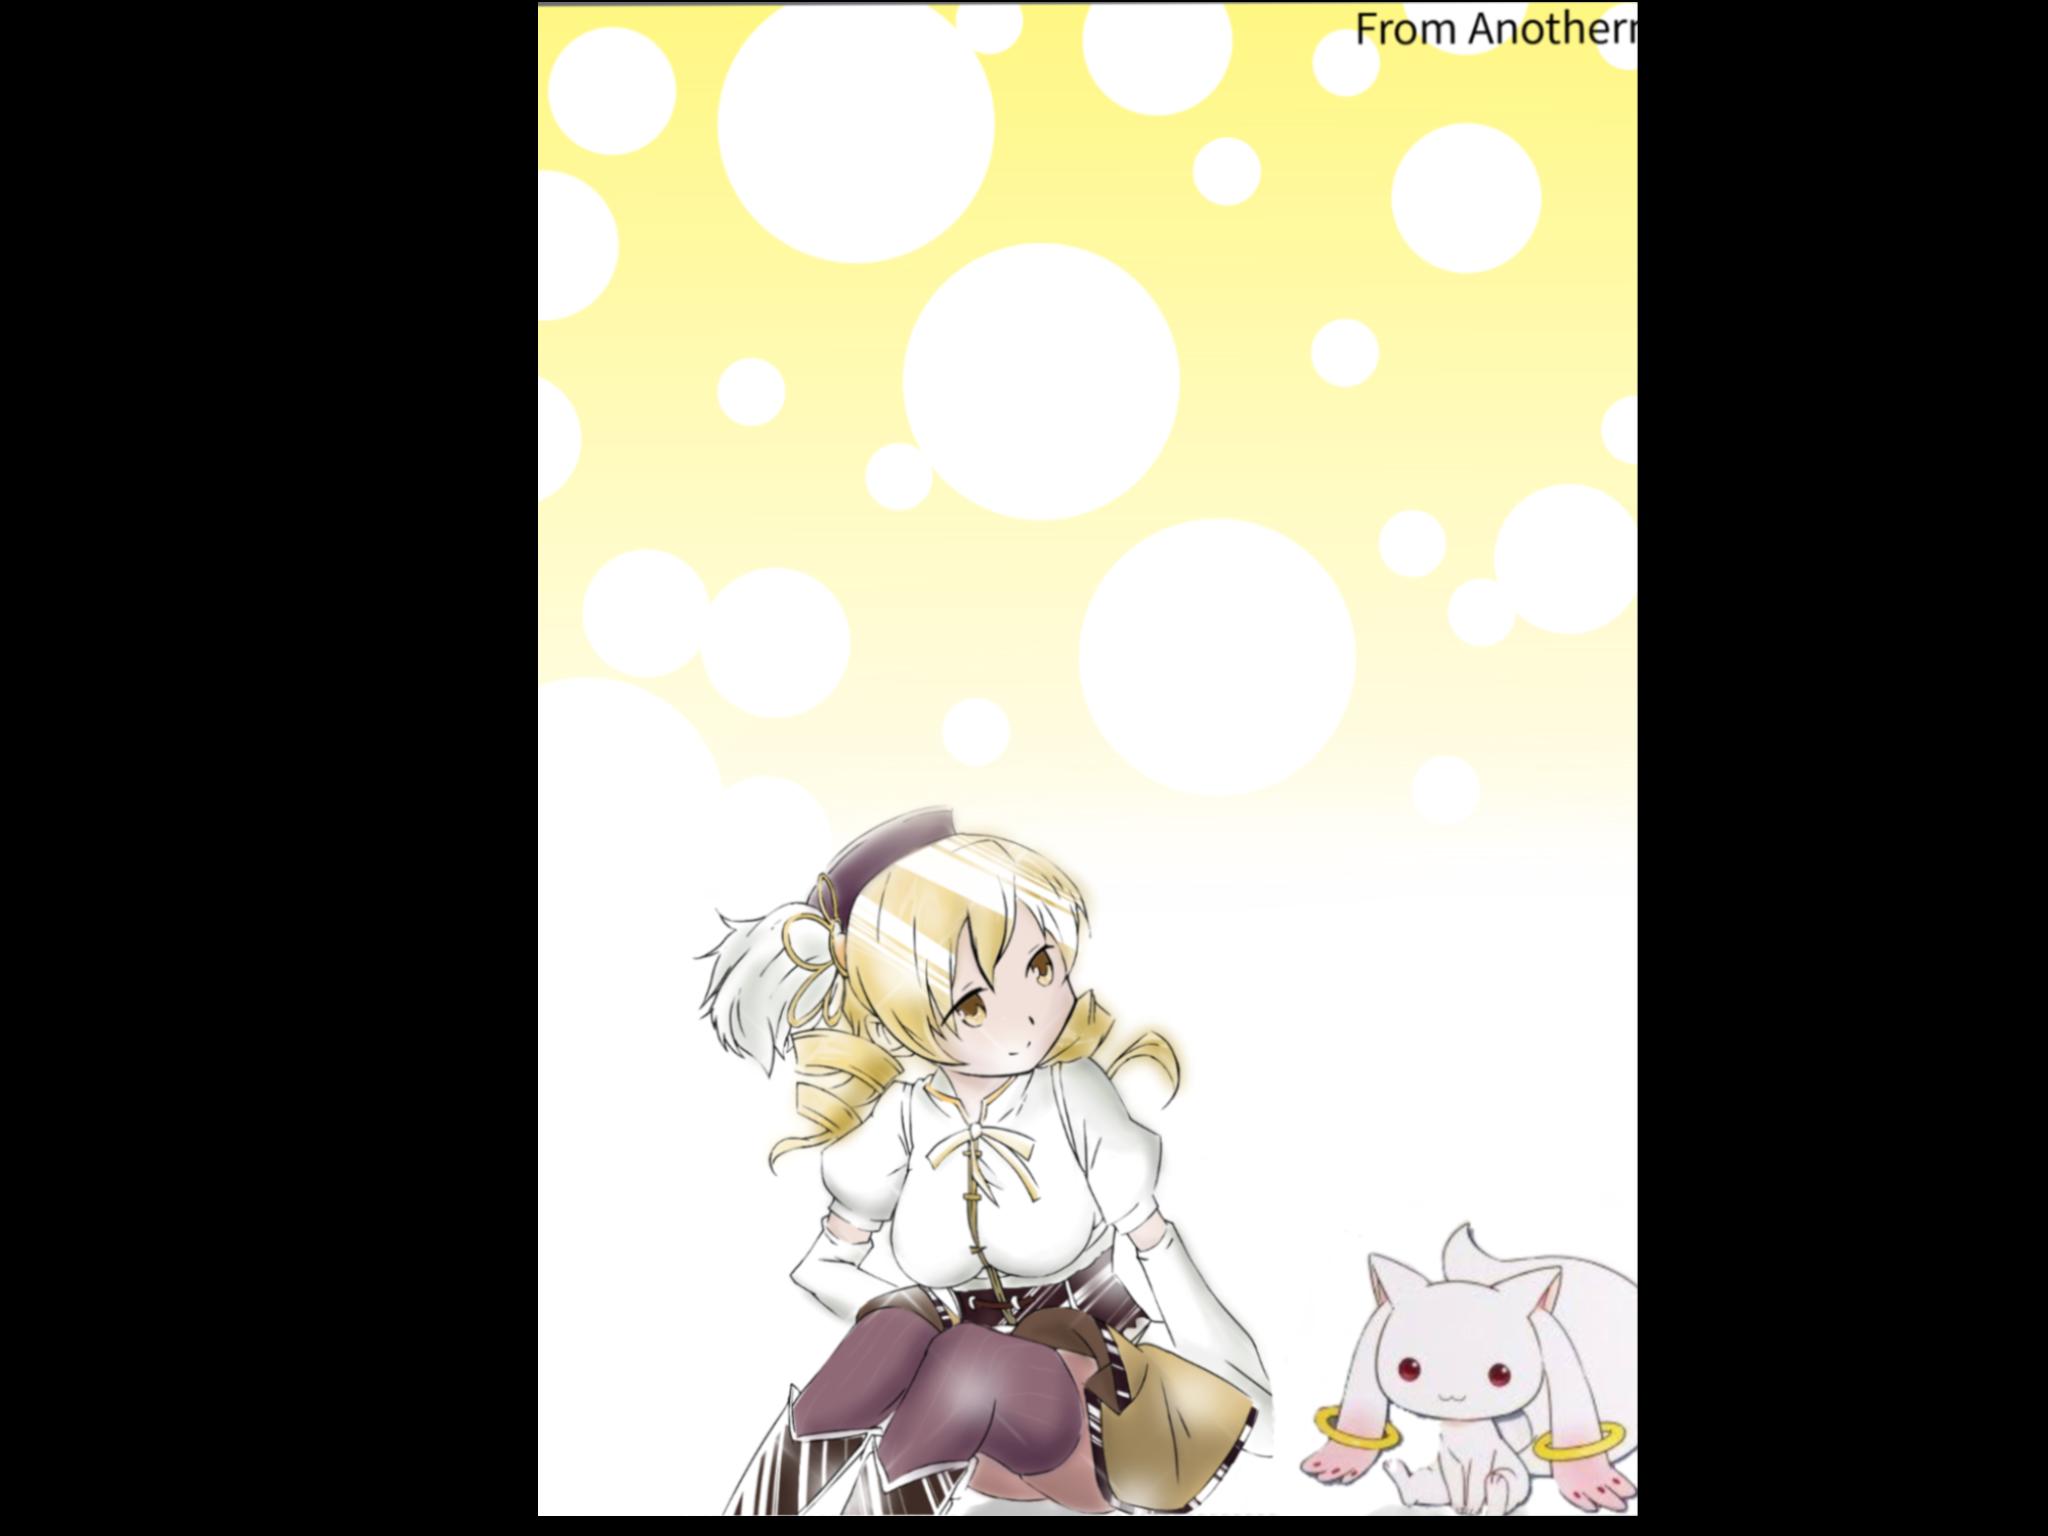 魔法少女まどか マギカ 巴マミ 壁紙イラスト Renoah Illustrations